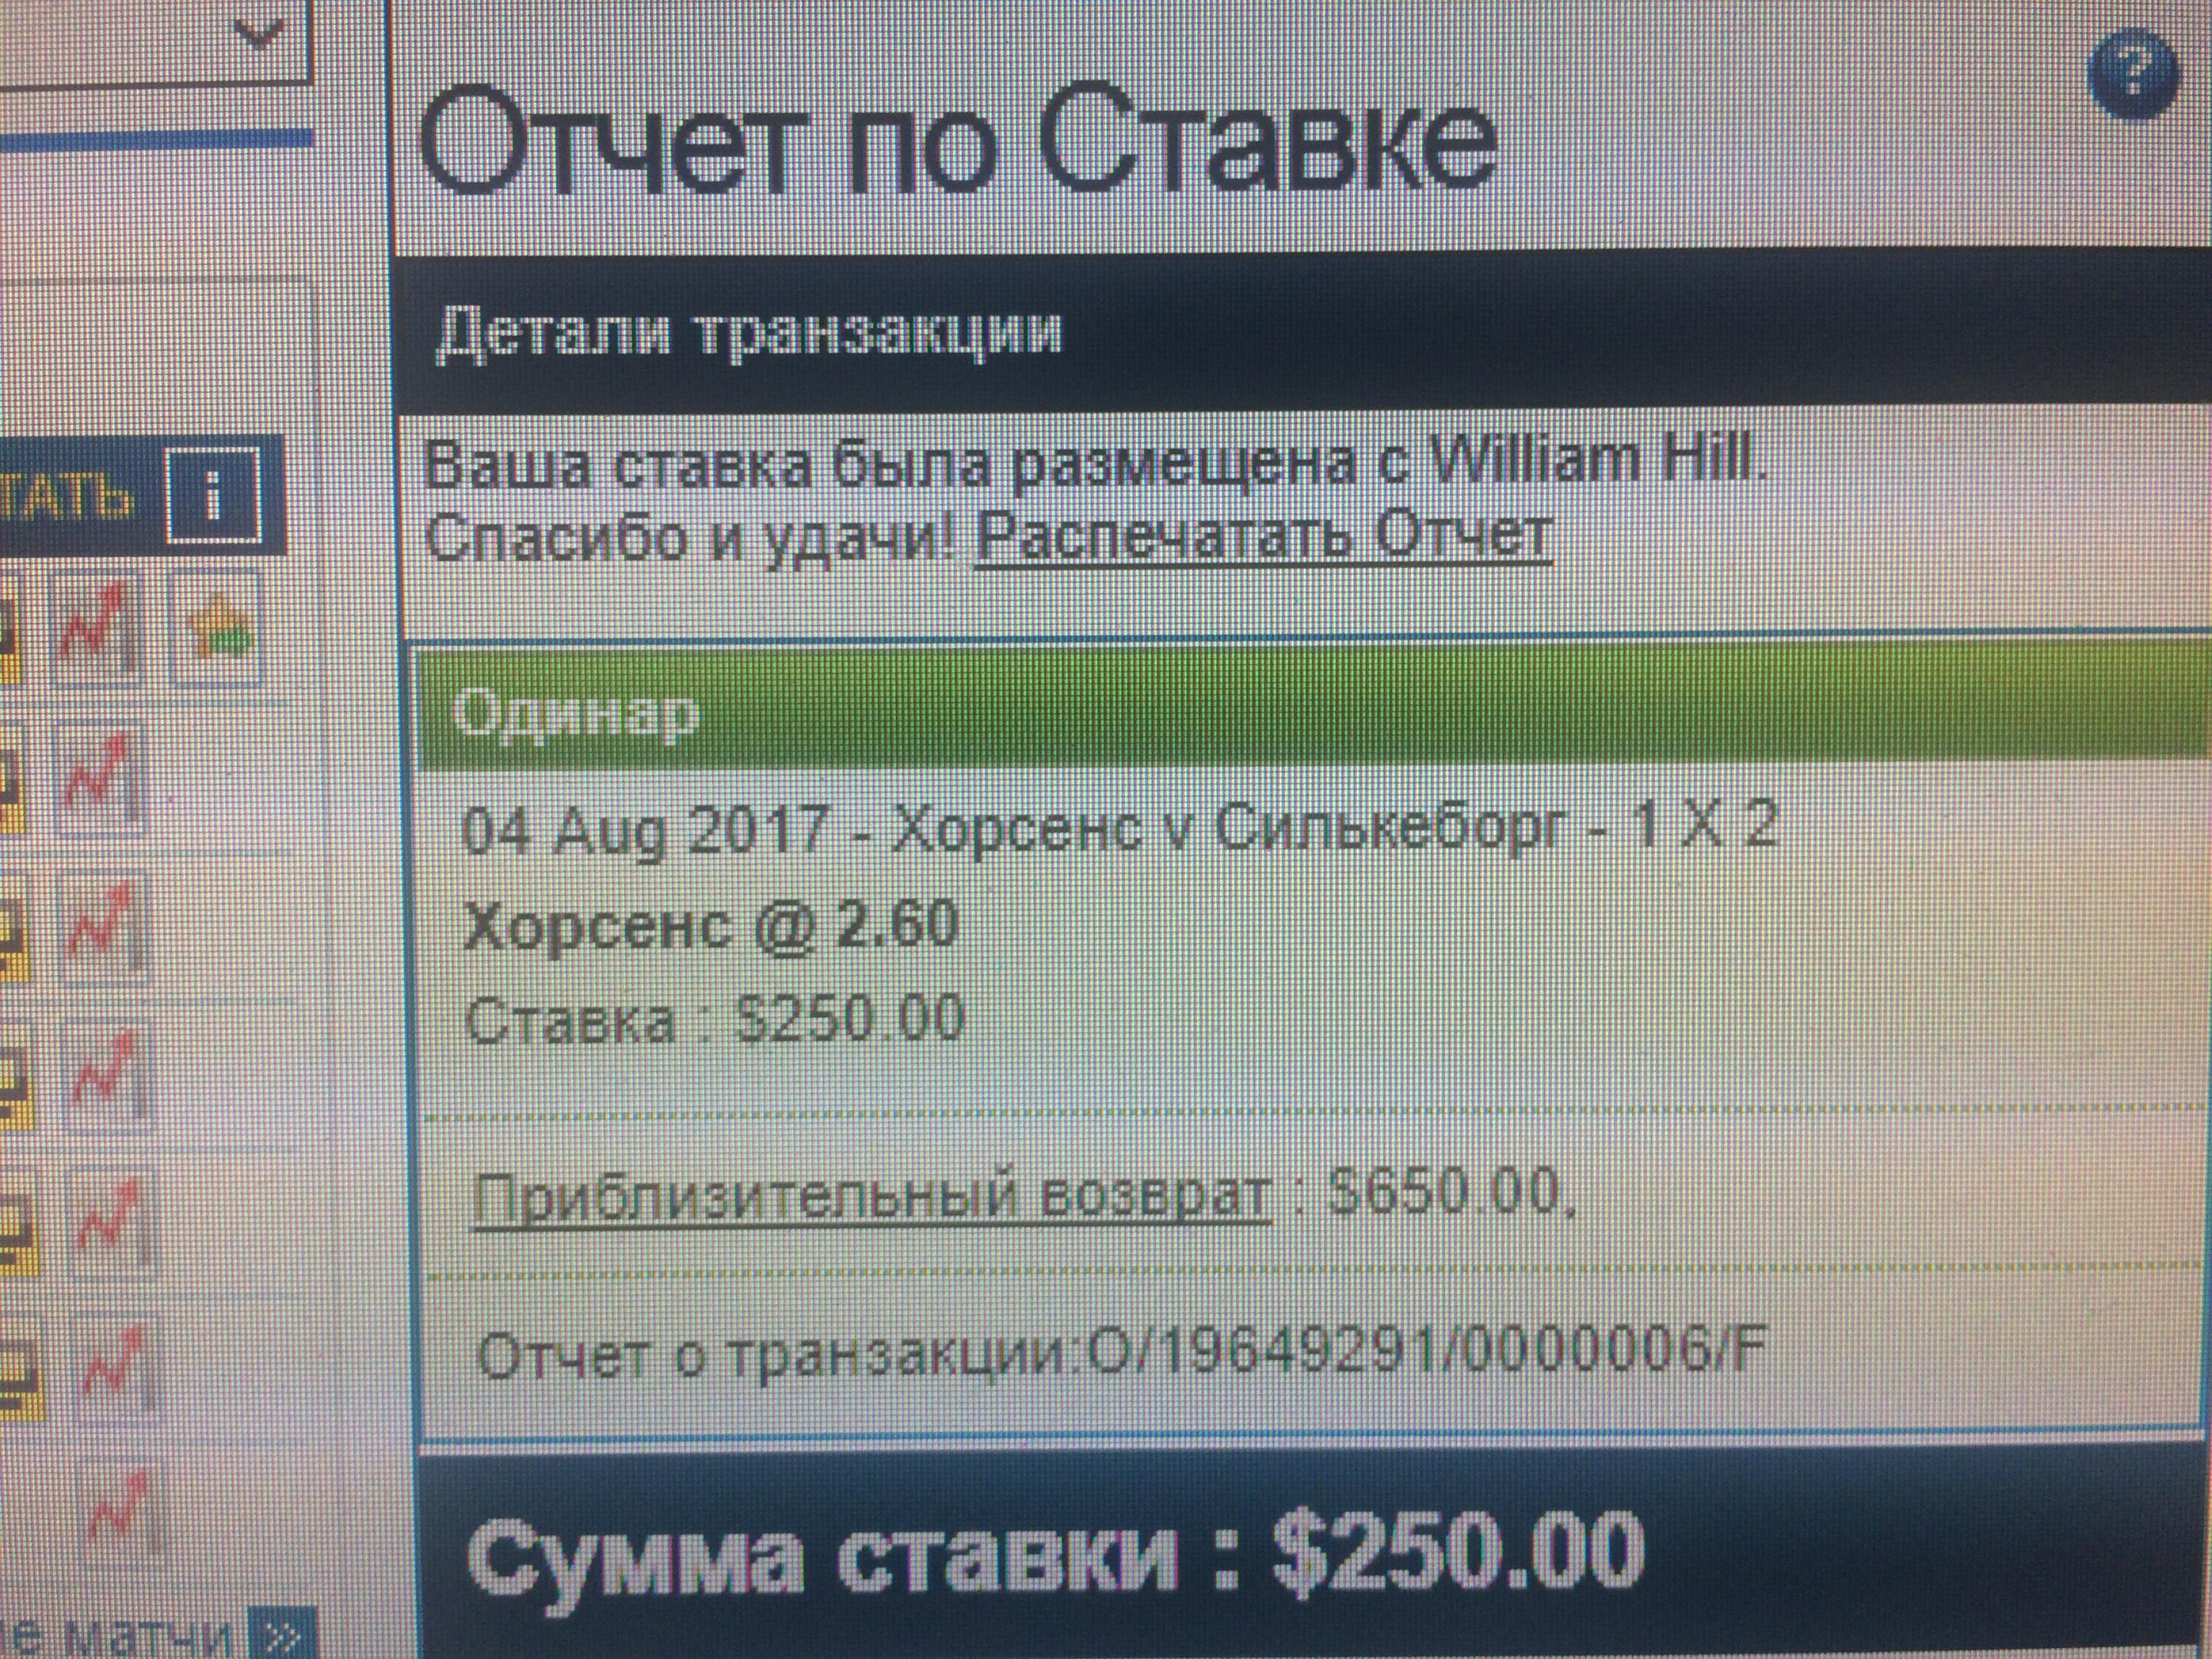 http://s0.uploads.ru/I6ZyF.jpg